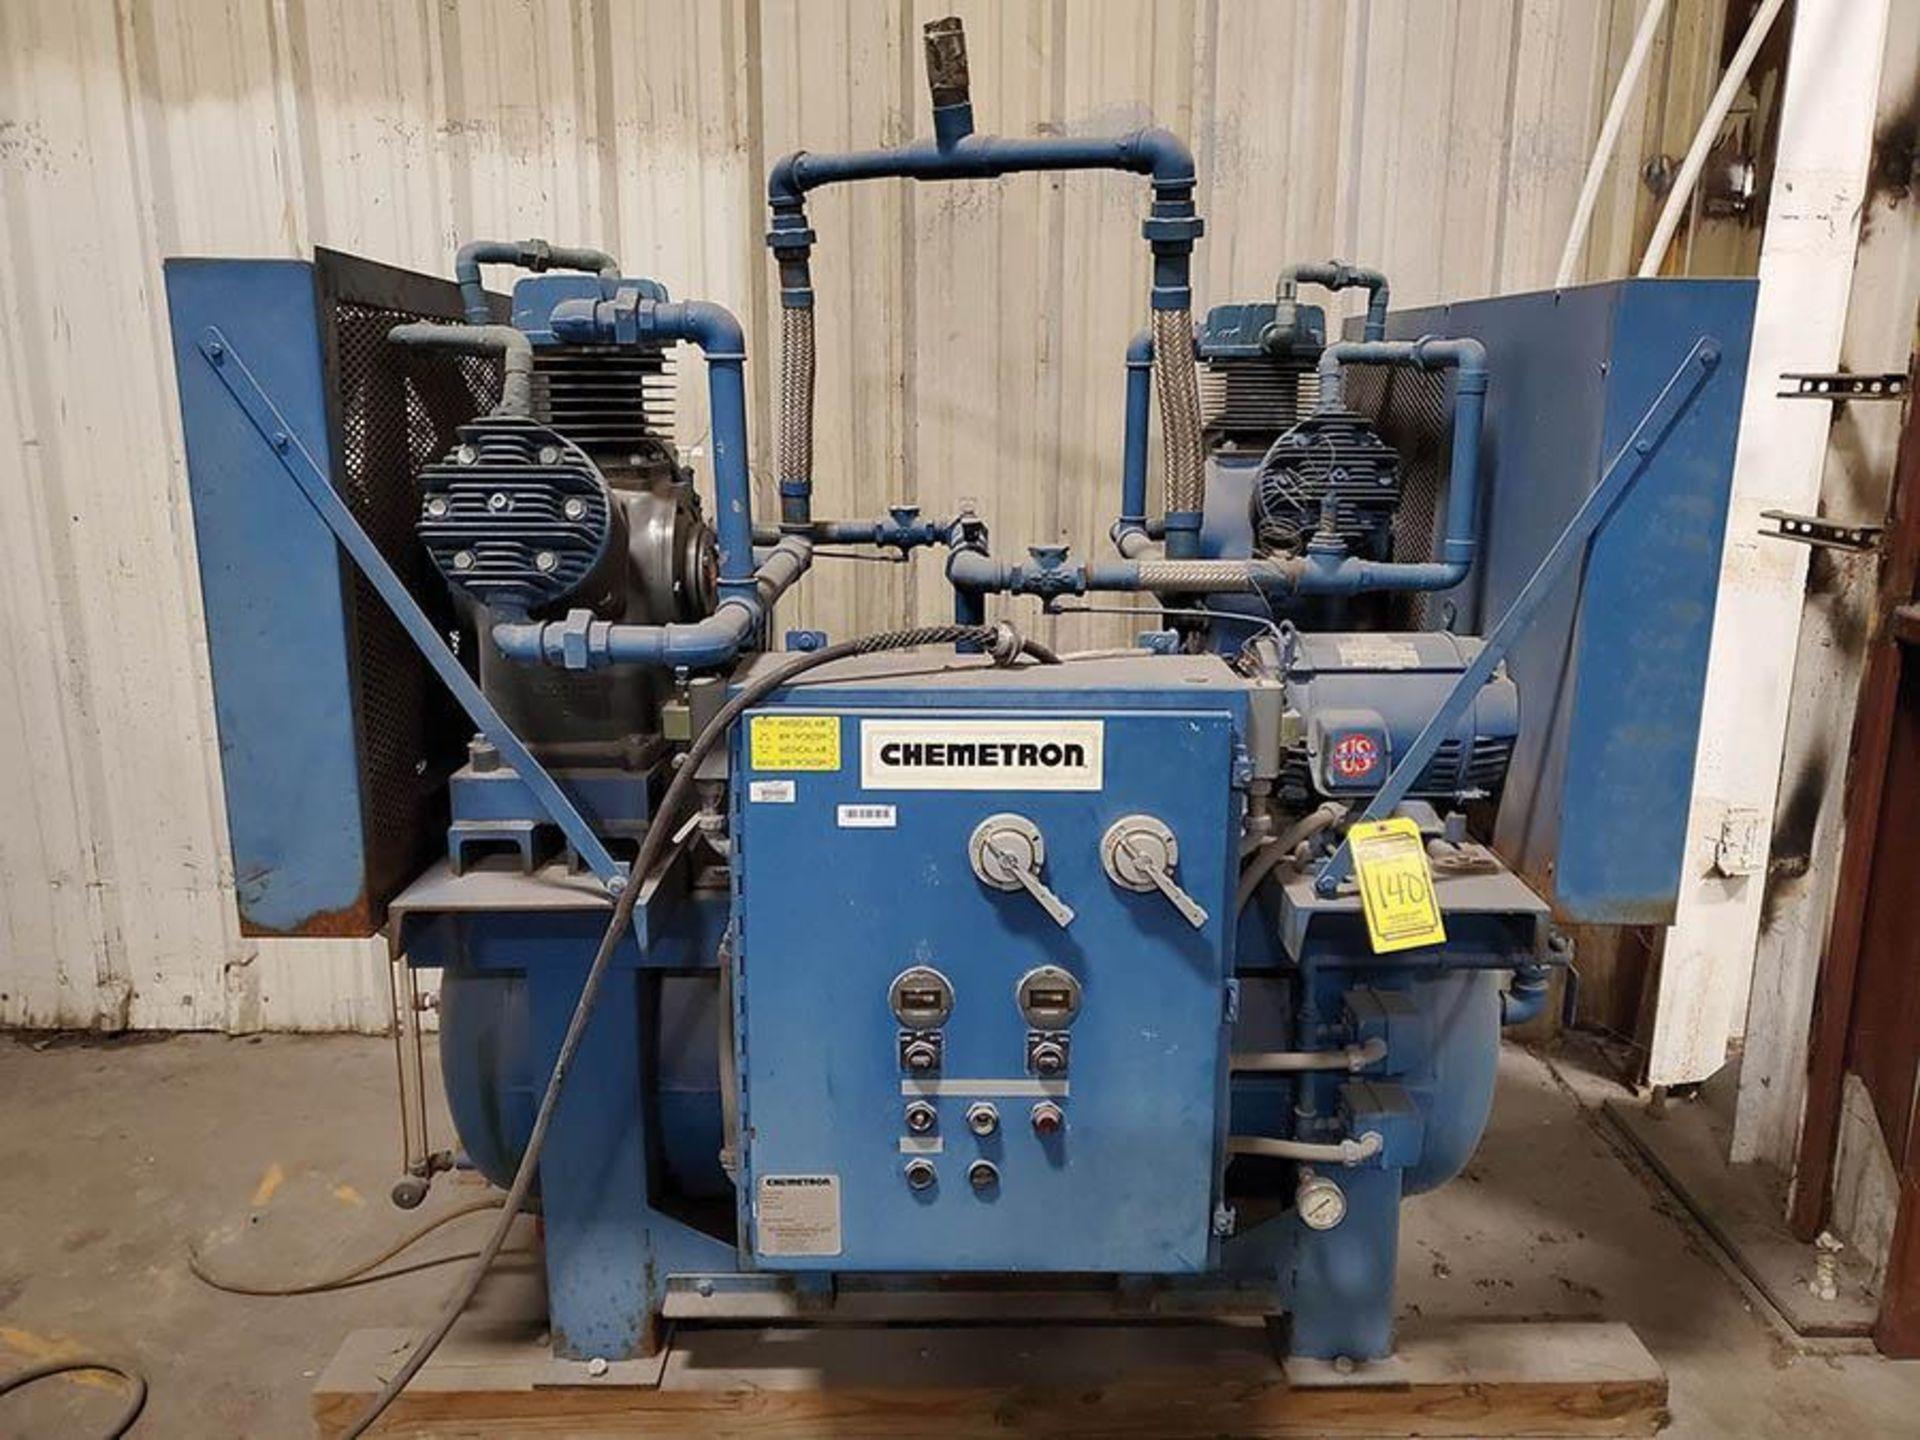 CHEMETRON MEDICAL AIR COMPRESSOR, MODEL 2KT40-10, 10 HP, 6 CYLINDER